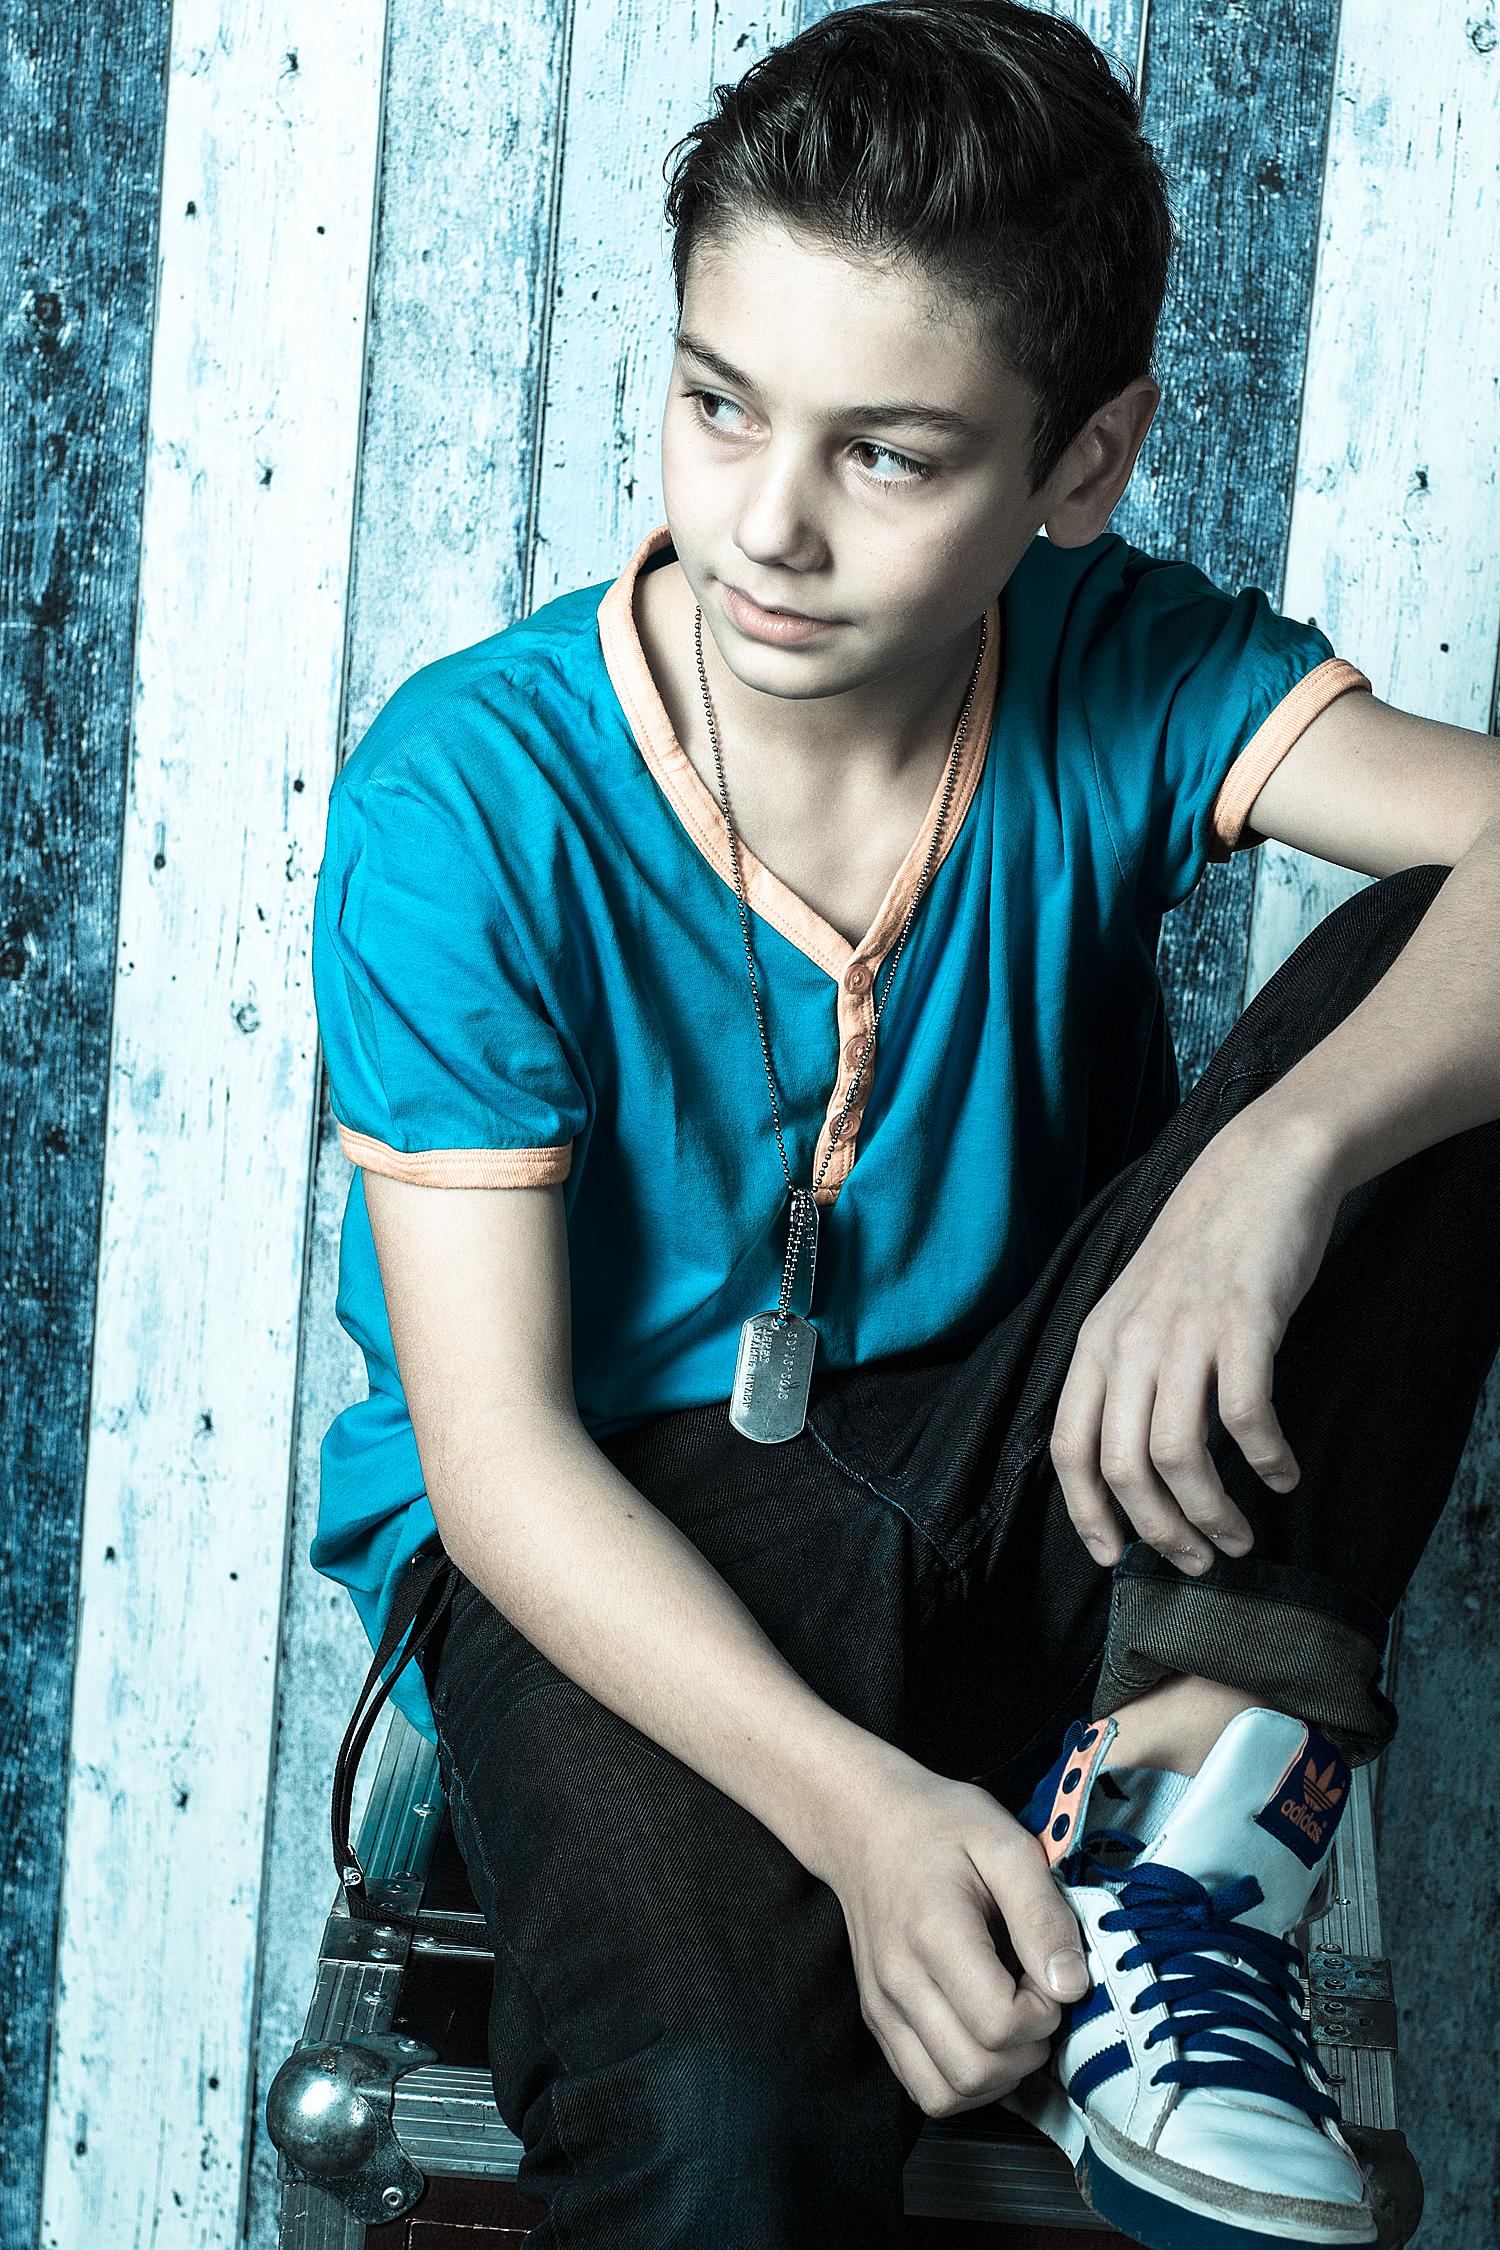 Junge 13